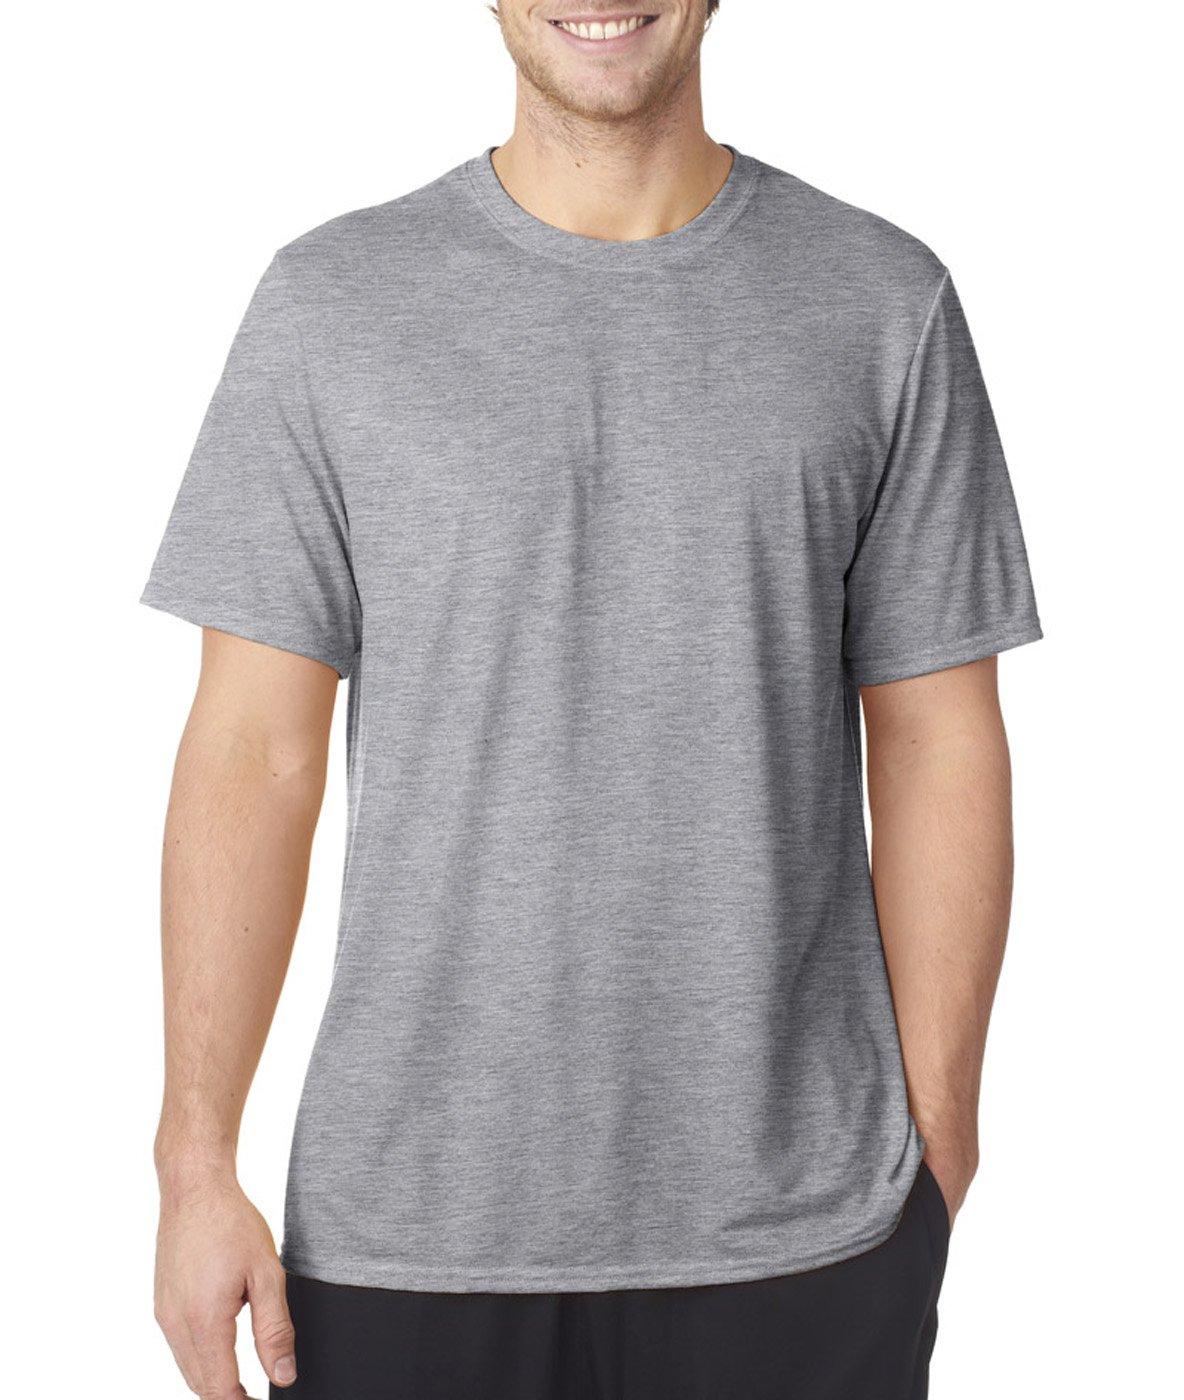 Gildan メンズTシャツ コアパフォーマンス B00QTT7HYS L|スポーツグレー スポーツグレー L